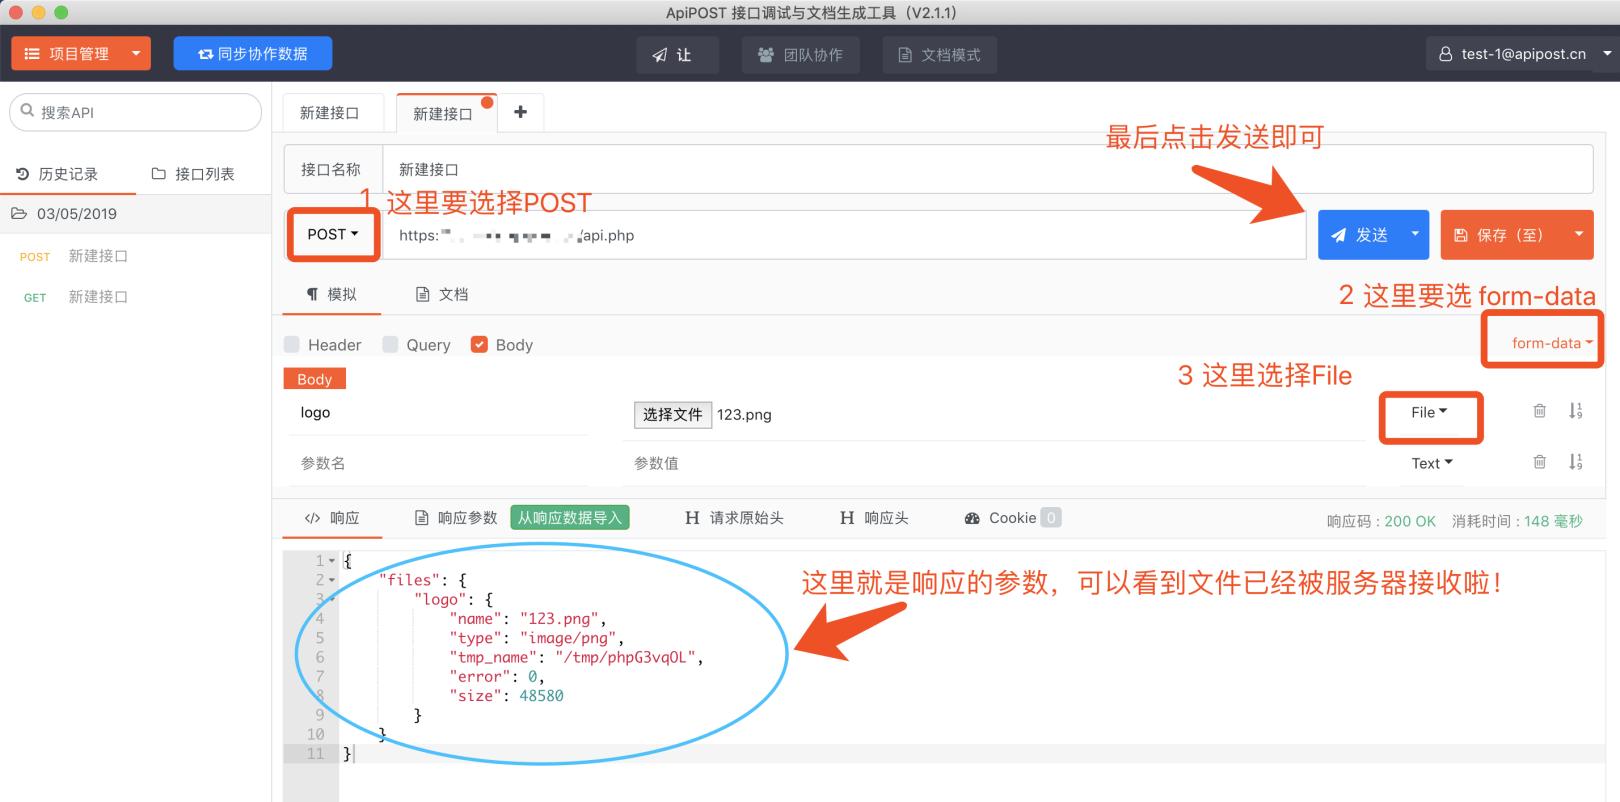 模拟上传-ApiPost接口调试工具模拟Post上传文件